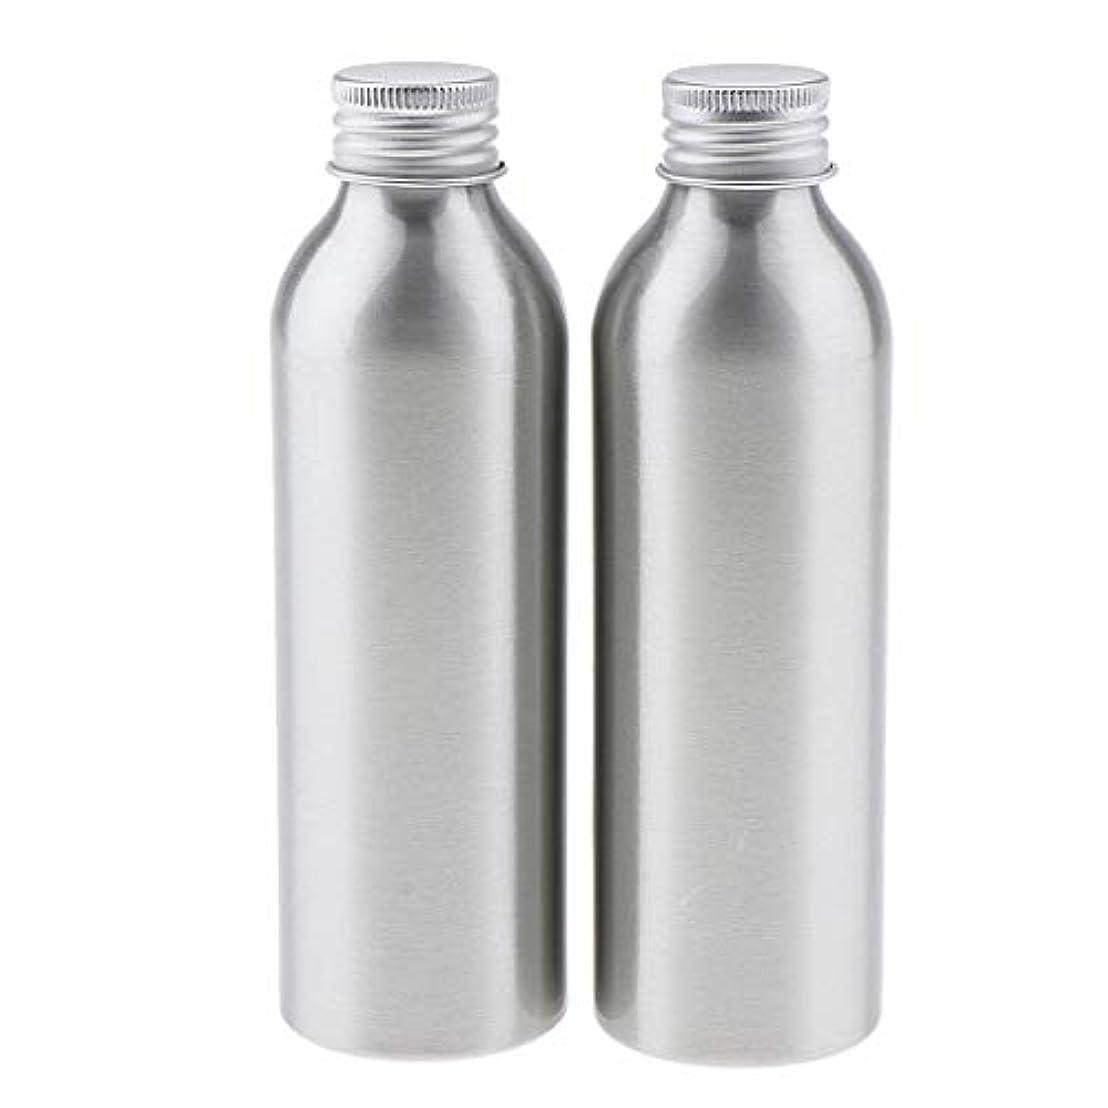 テレビ小道篭2本 アルミボトル 空容器 化粧品収納容器 ディスペンサーボトル シルバー 全5サイズ - 150ml